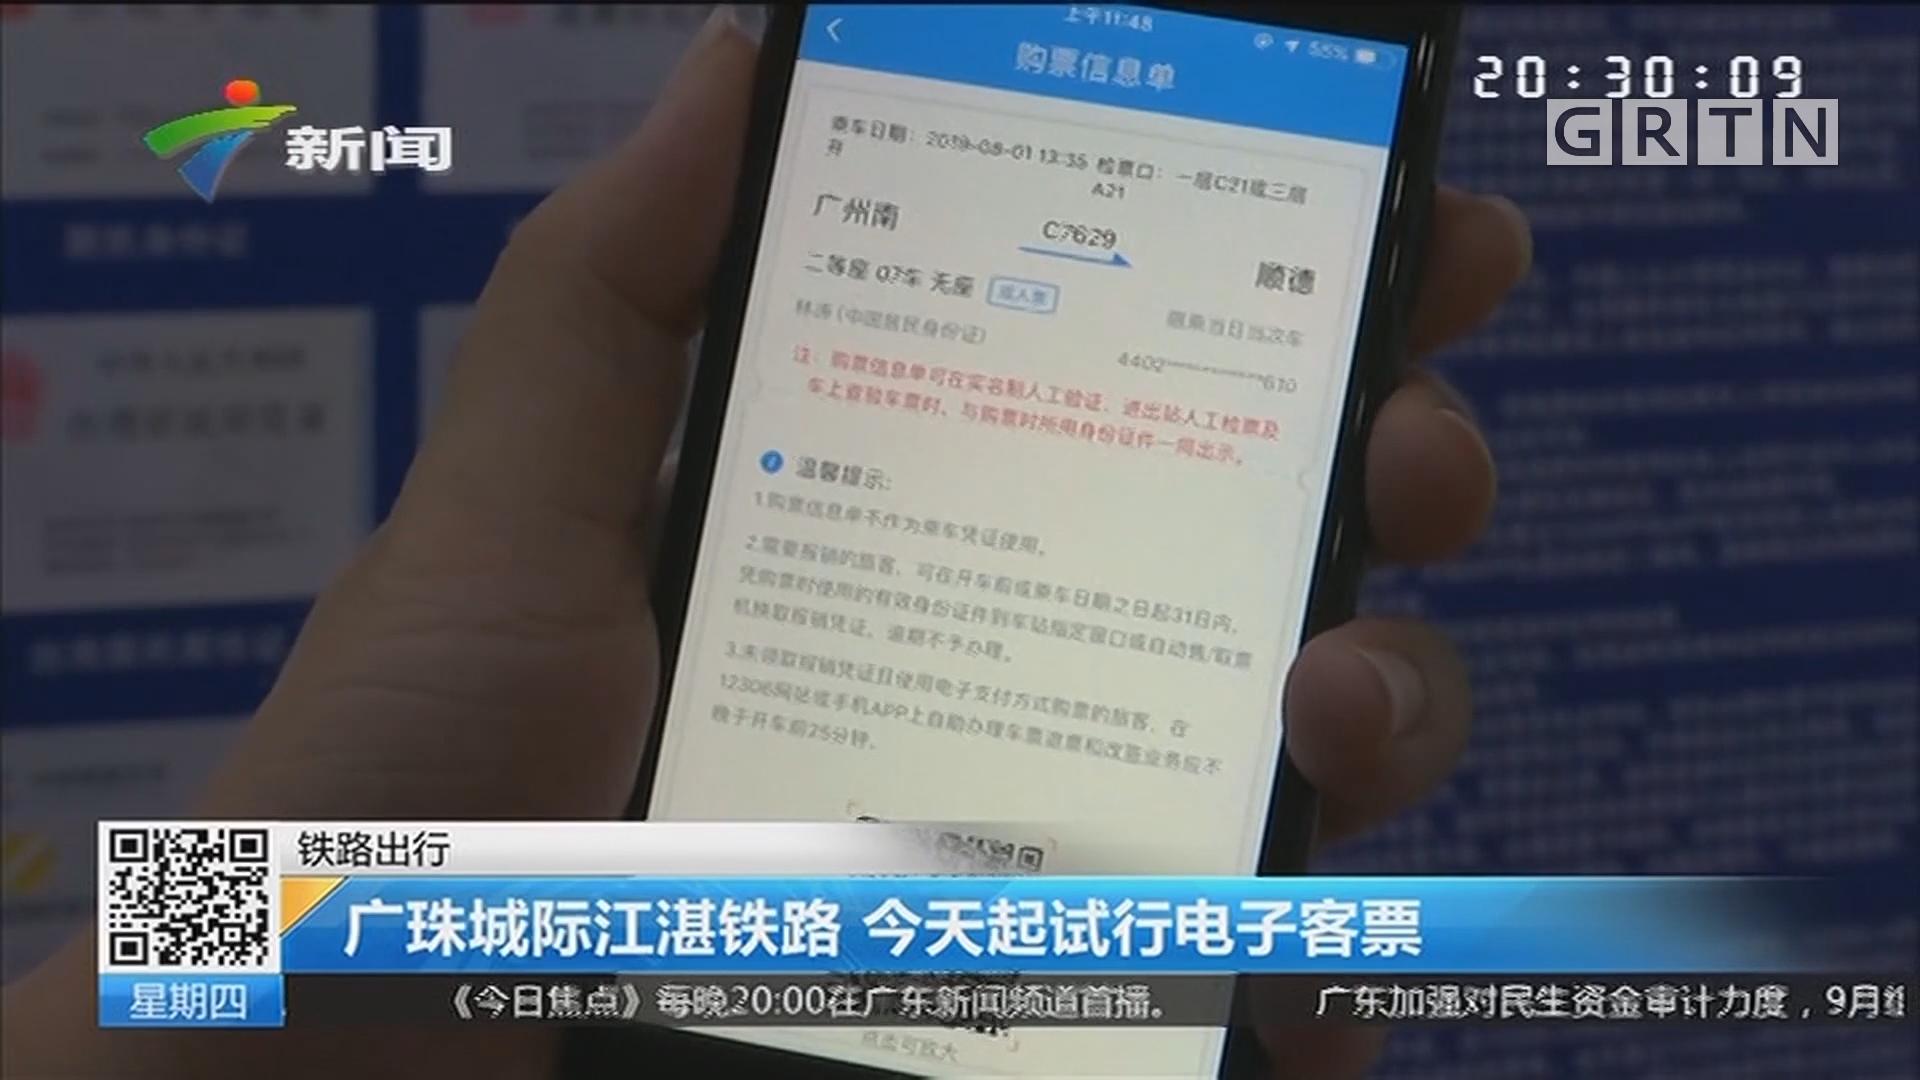 铁路出行:广珠城际江湛铁路 今天起试行电子客票